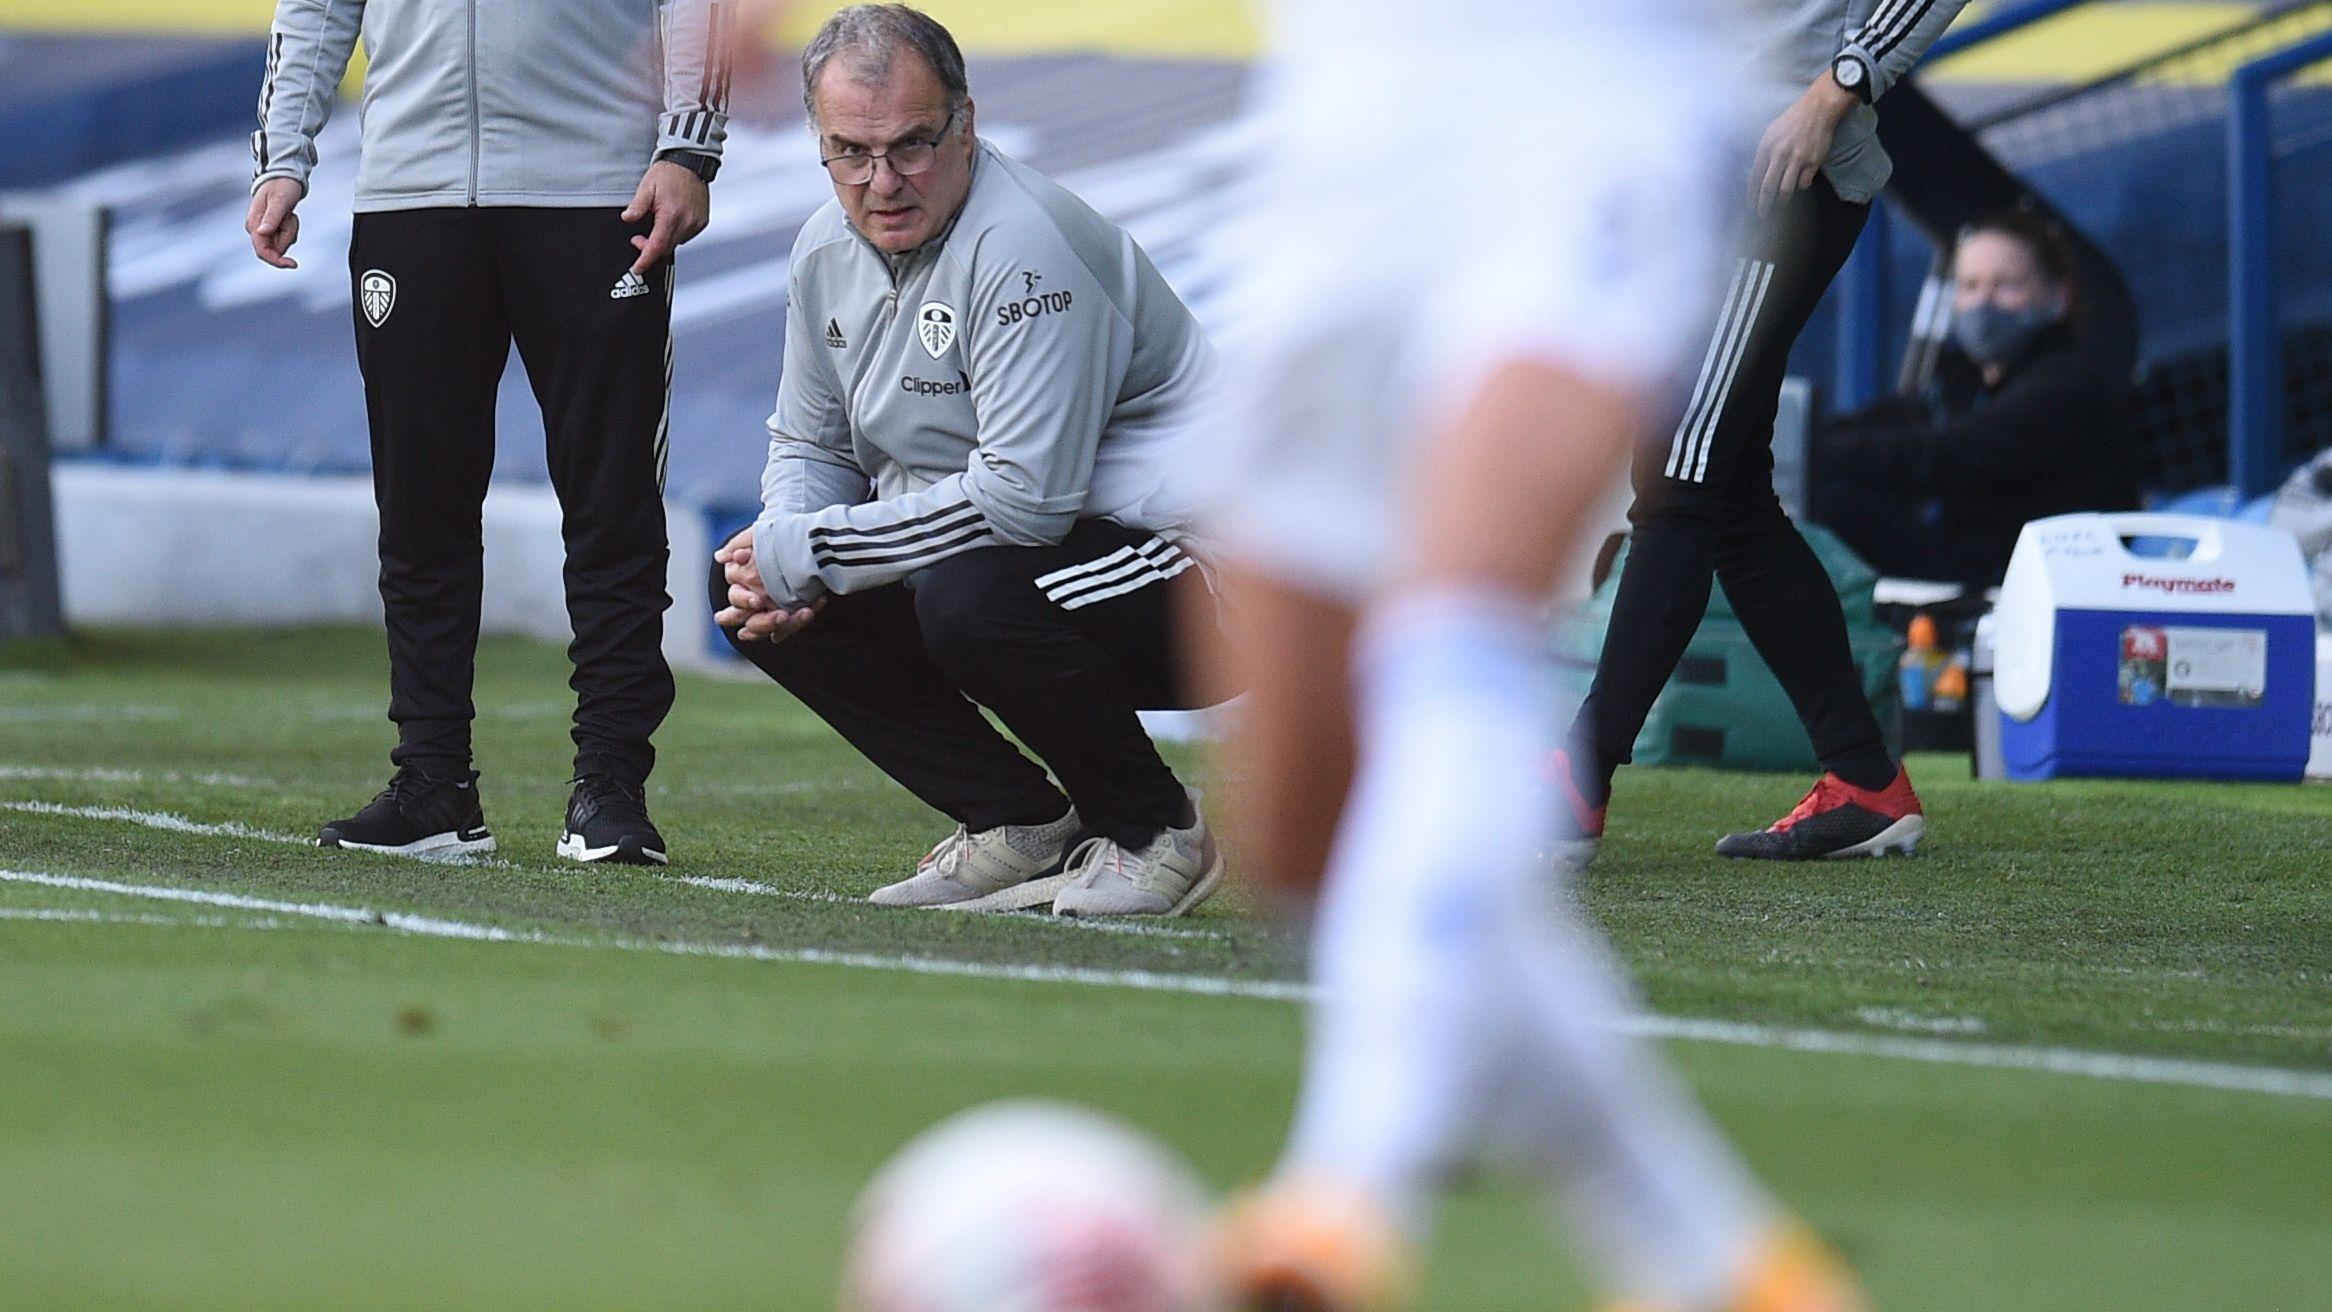 El Leeds de Marcelo BIelsa va por un nuevo triunfo en la Premier League